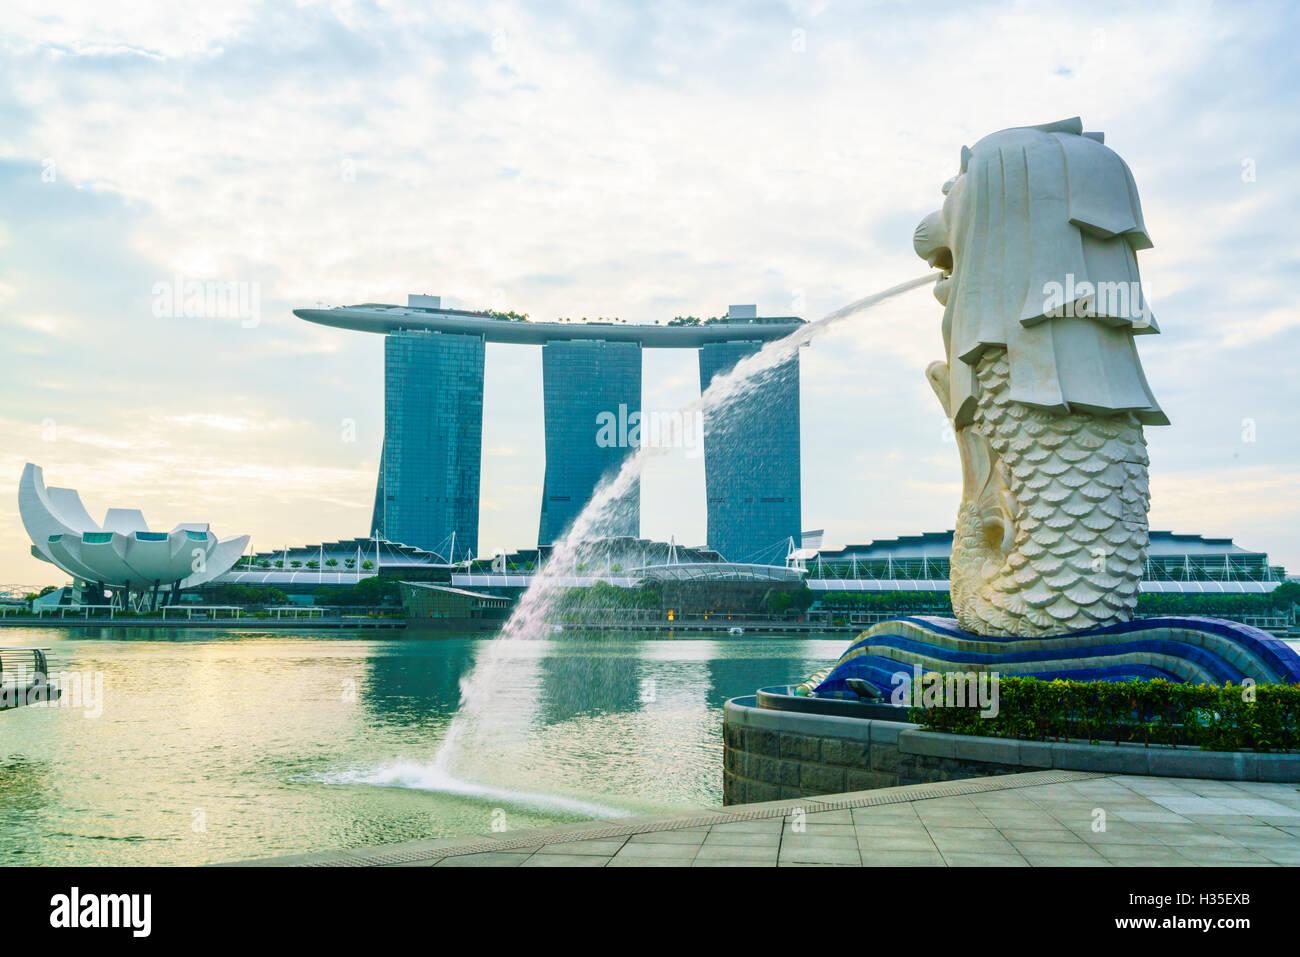 Statue du Merlion, le symbole national de Singapour et son plus célèbre monument, Merlion Park, Marina Bay, Singapour Banque D'Images